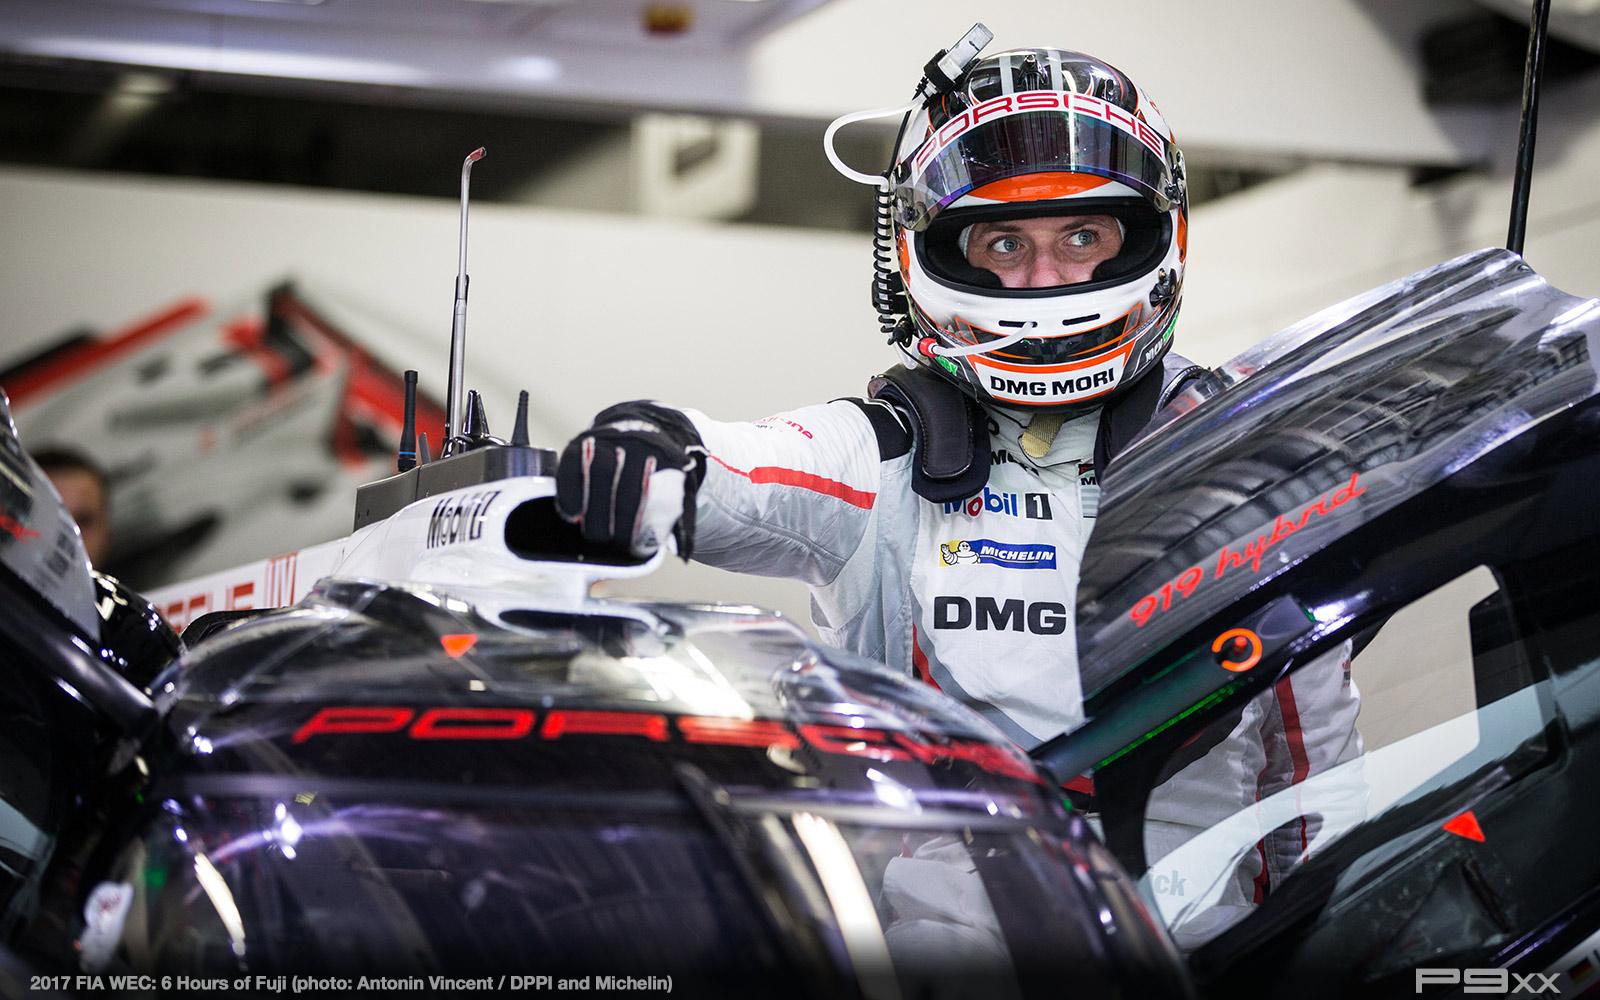 2017-FIA-WEC-6h-of-Fuji-Porsche-Fuji_02117011_0101296